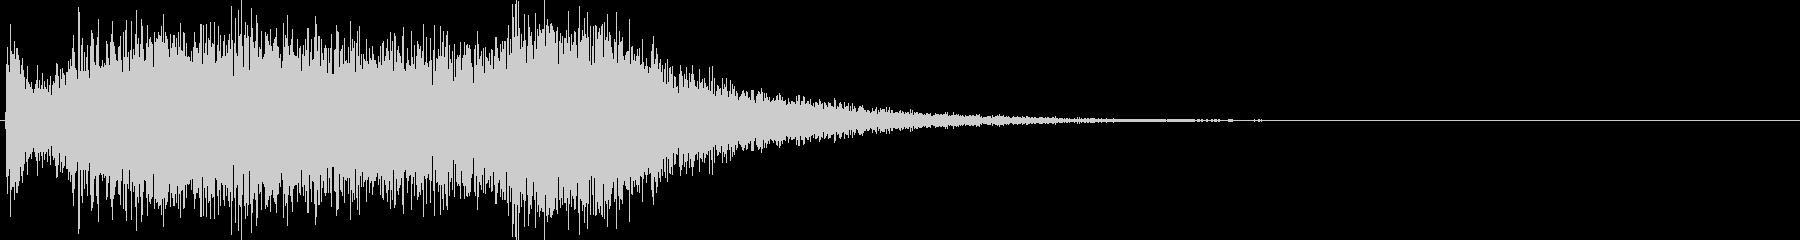 バキーンと迫力のあるレベルアップ効果音の未再生の波形